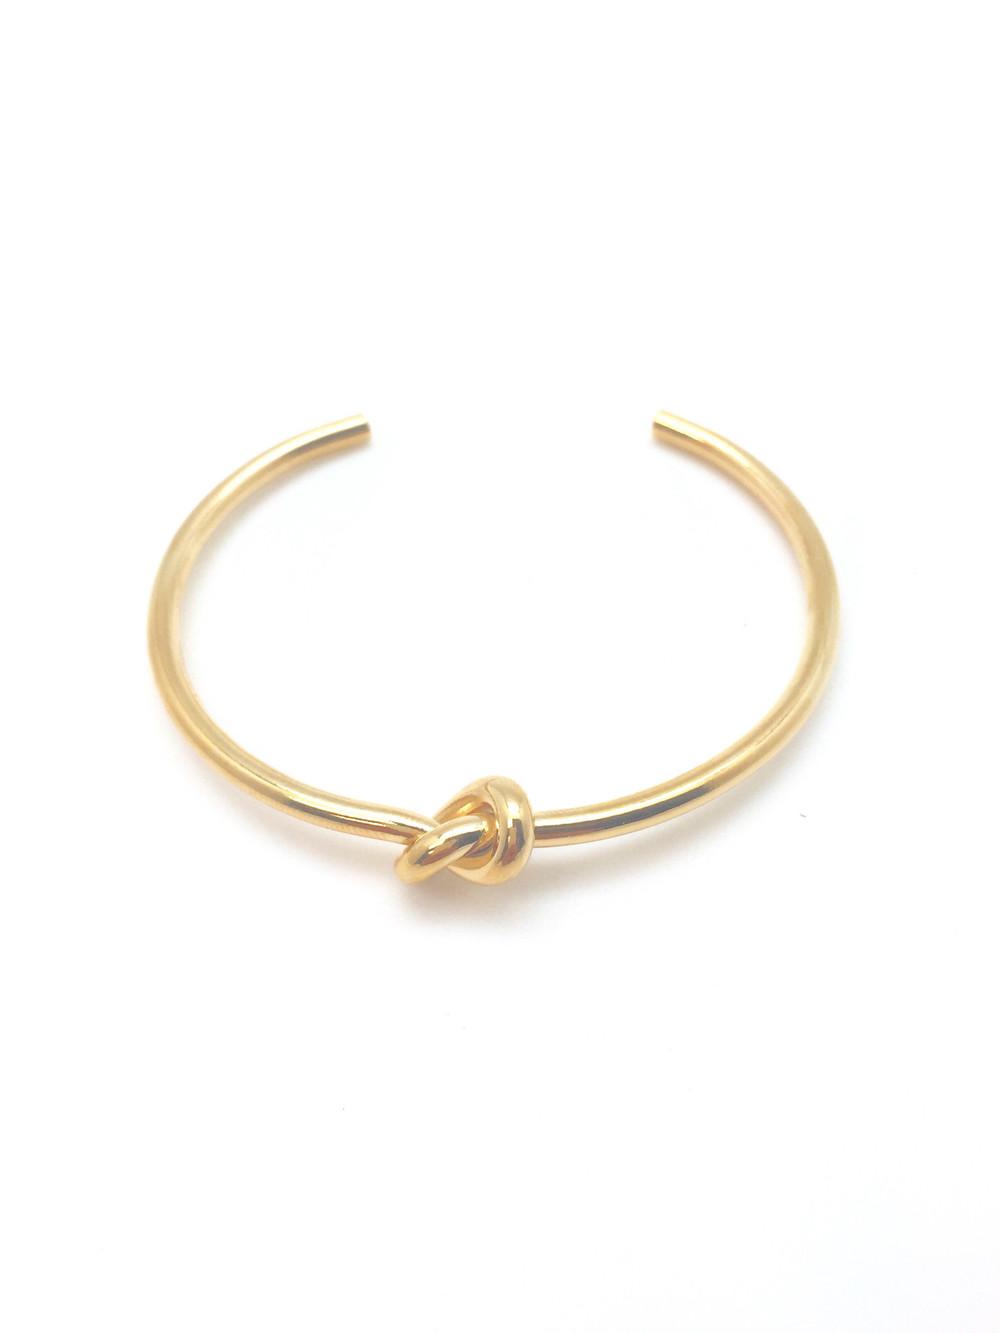 Tie Knot Bracelet$22